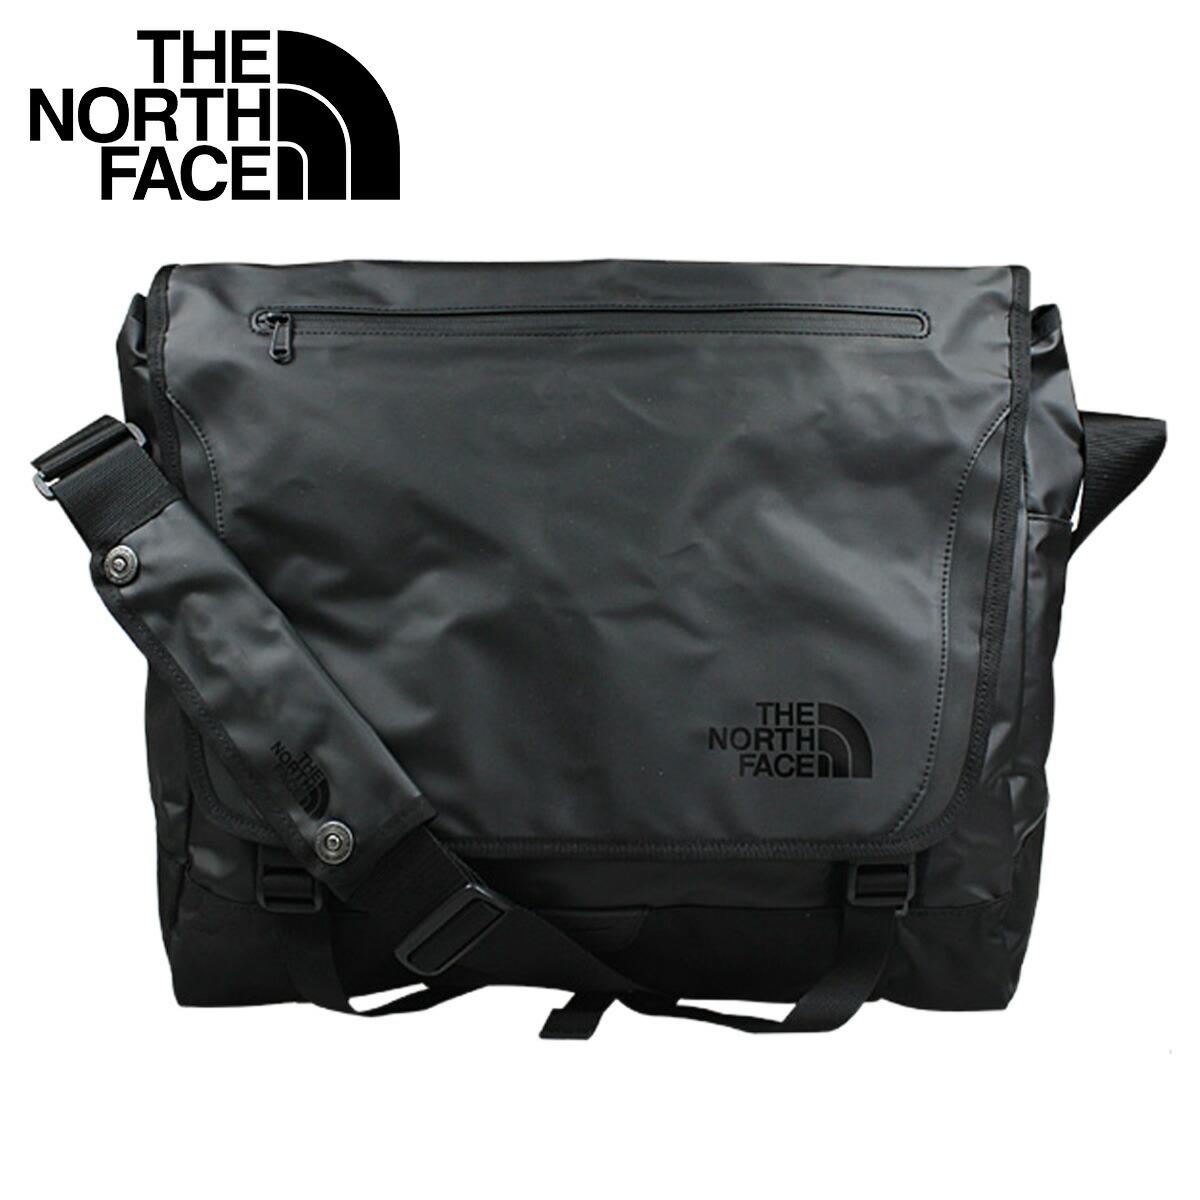 719c14d0c North Face THE NORTH FACE messenger bag black A7KV BASE CAMP MESSENGER  LARGE men